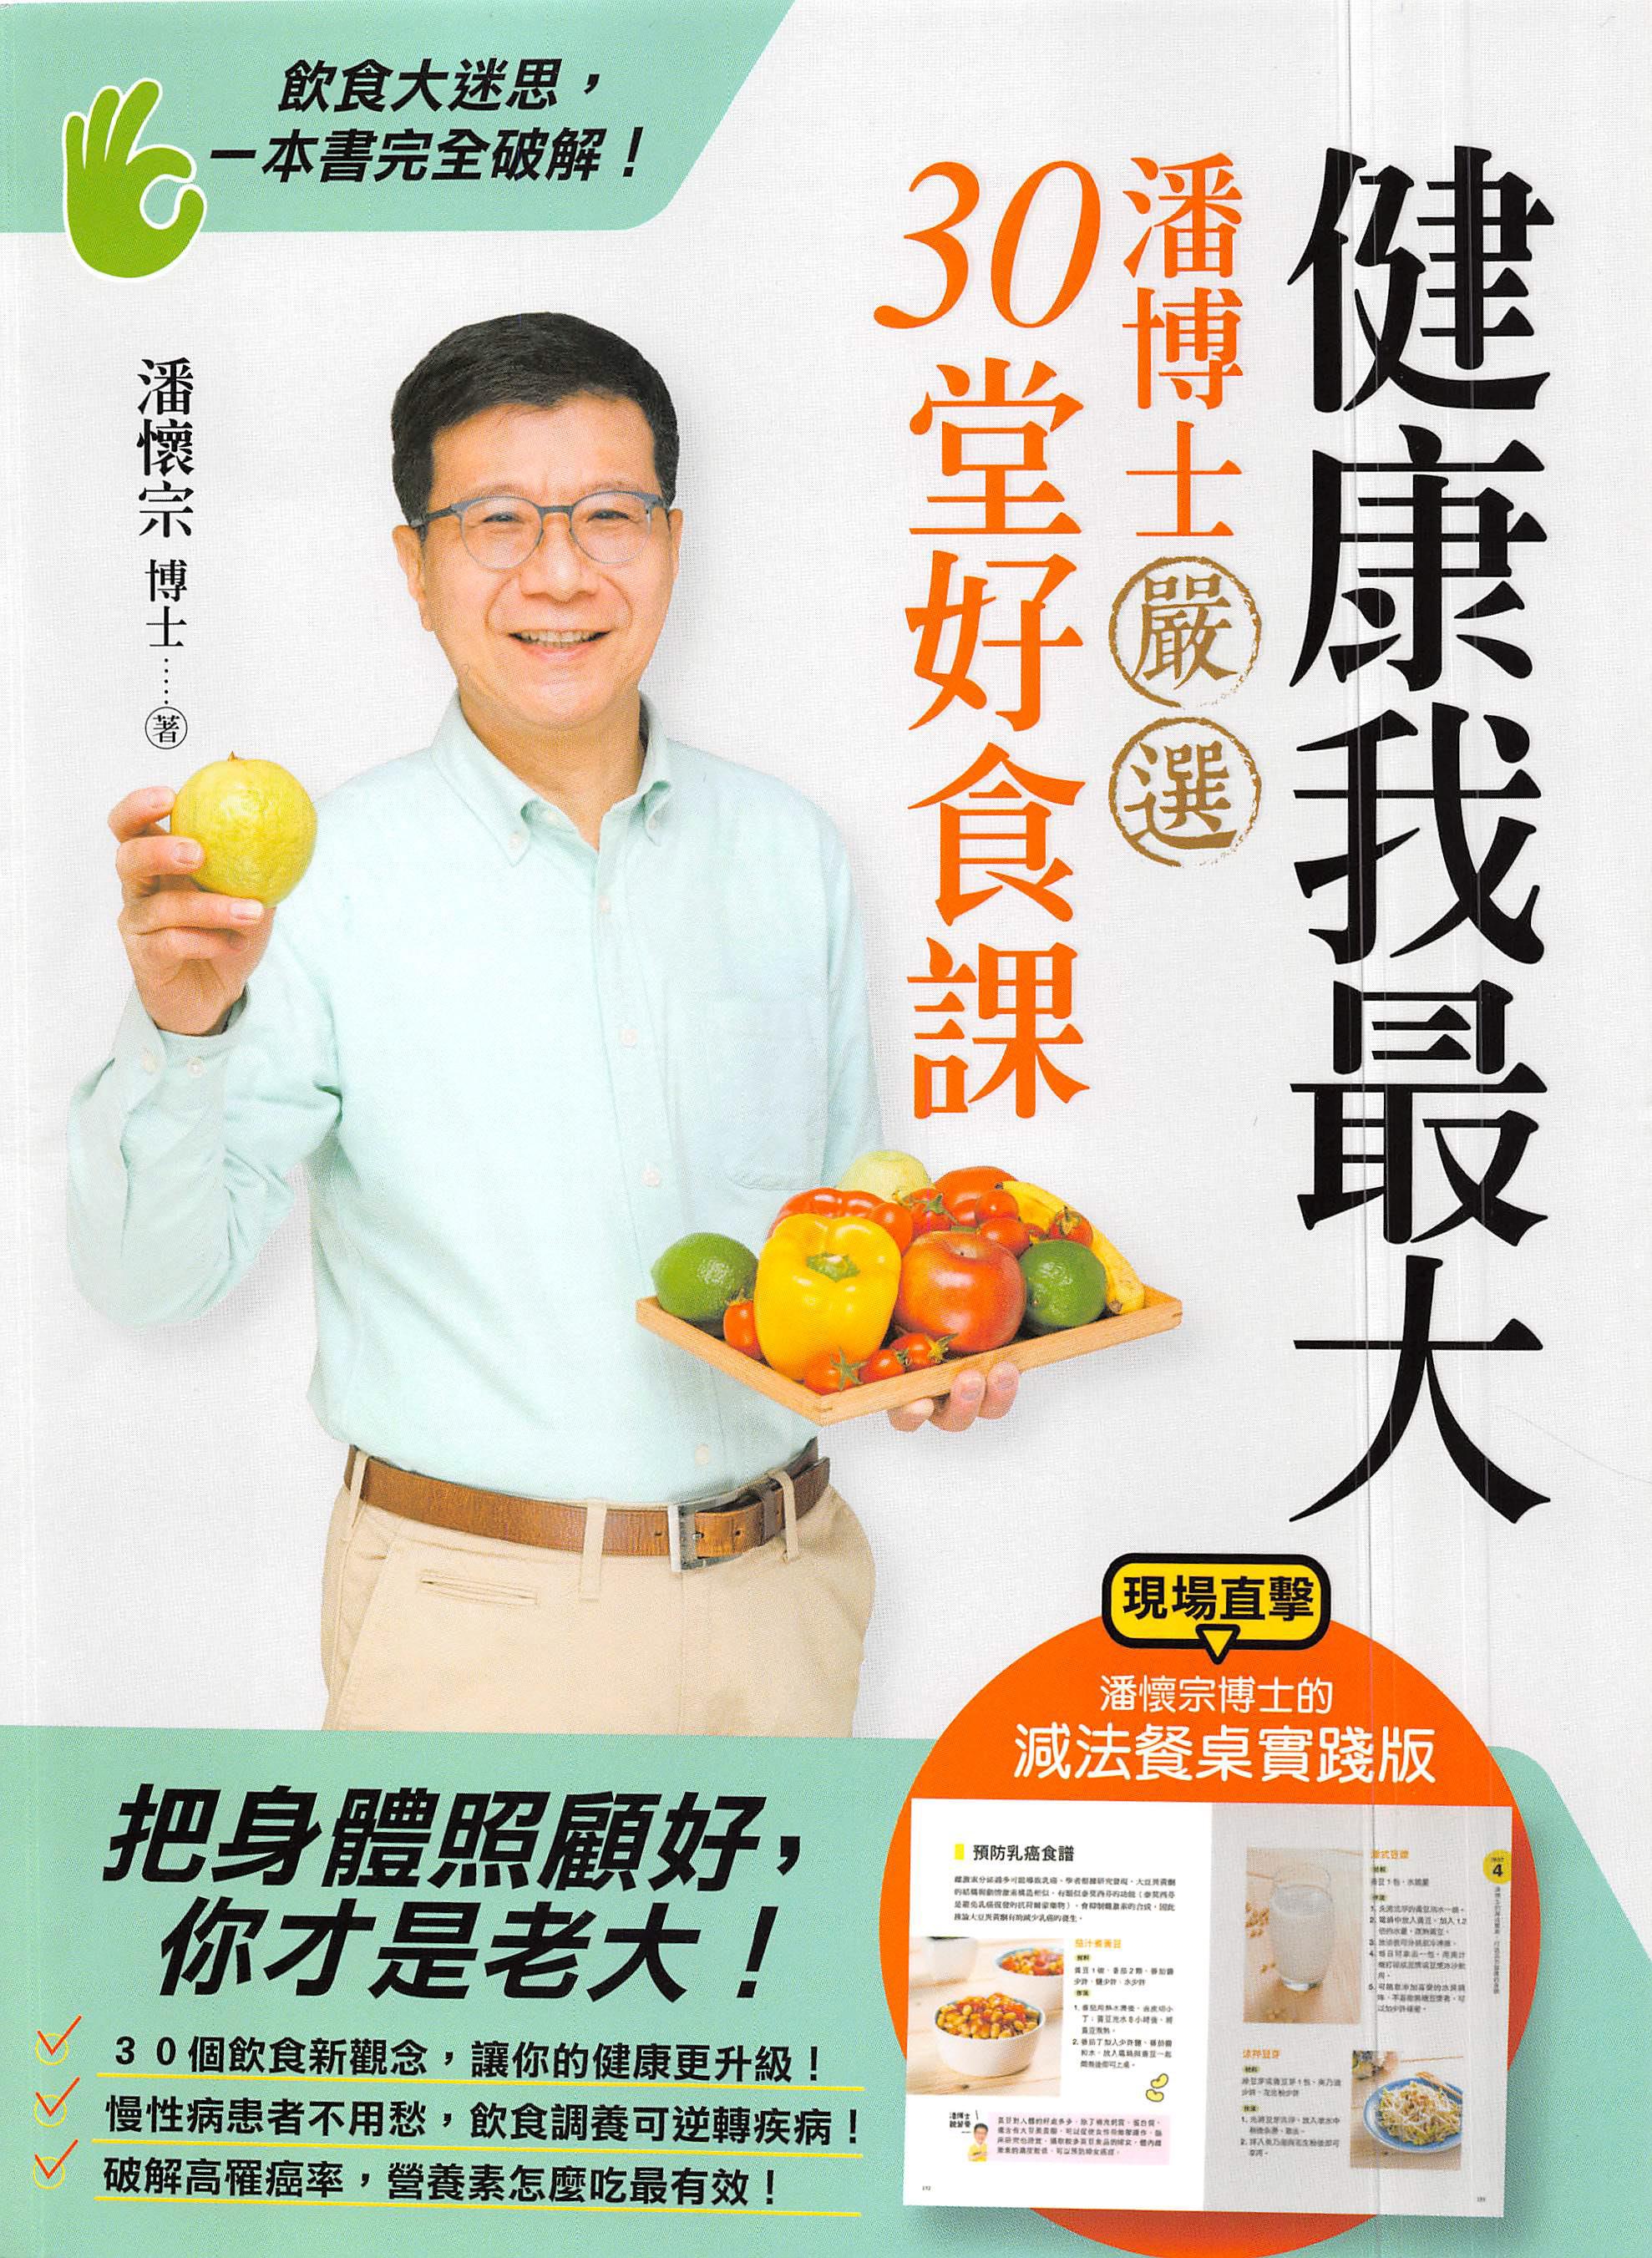 健康我最大 潘博士嚴選30堂好食課 - 潘懷宗 (出色文化) (應用科學) (封面)